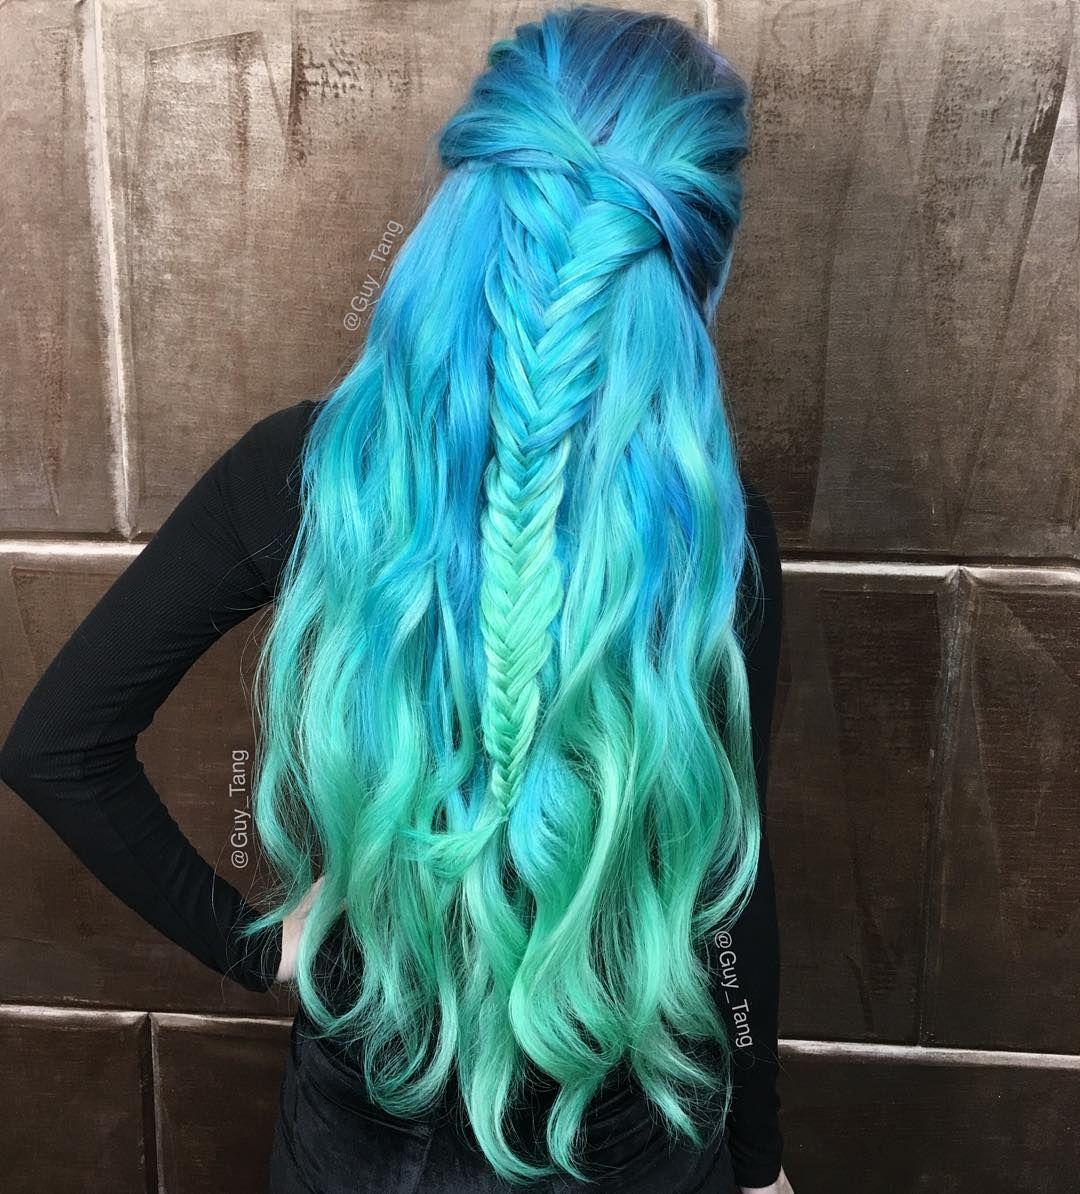 16 Colorful Mermaid Hair Ideas For Women Human Hair Exim